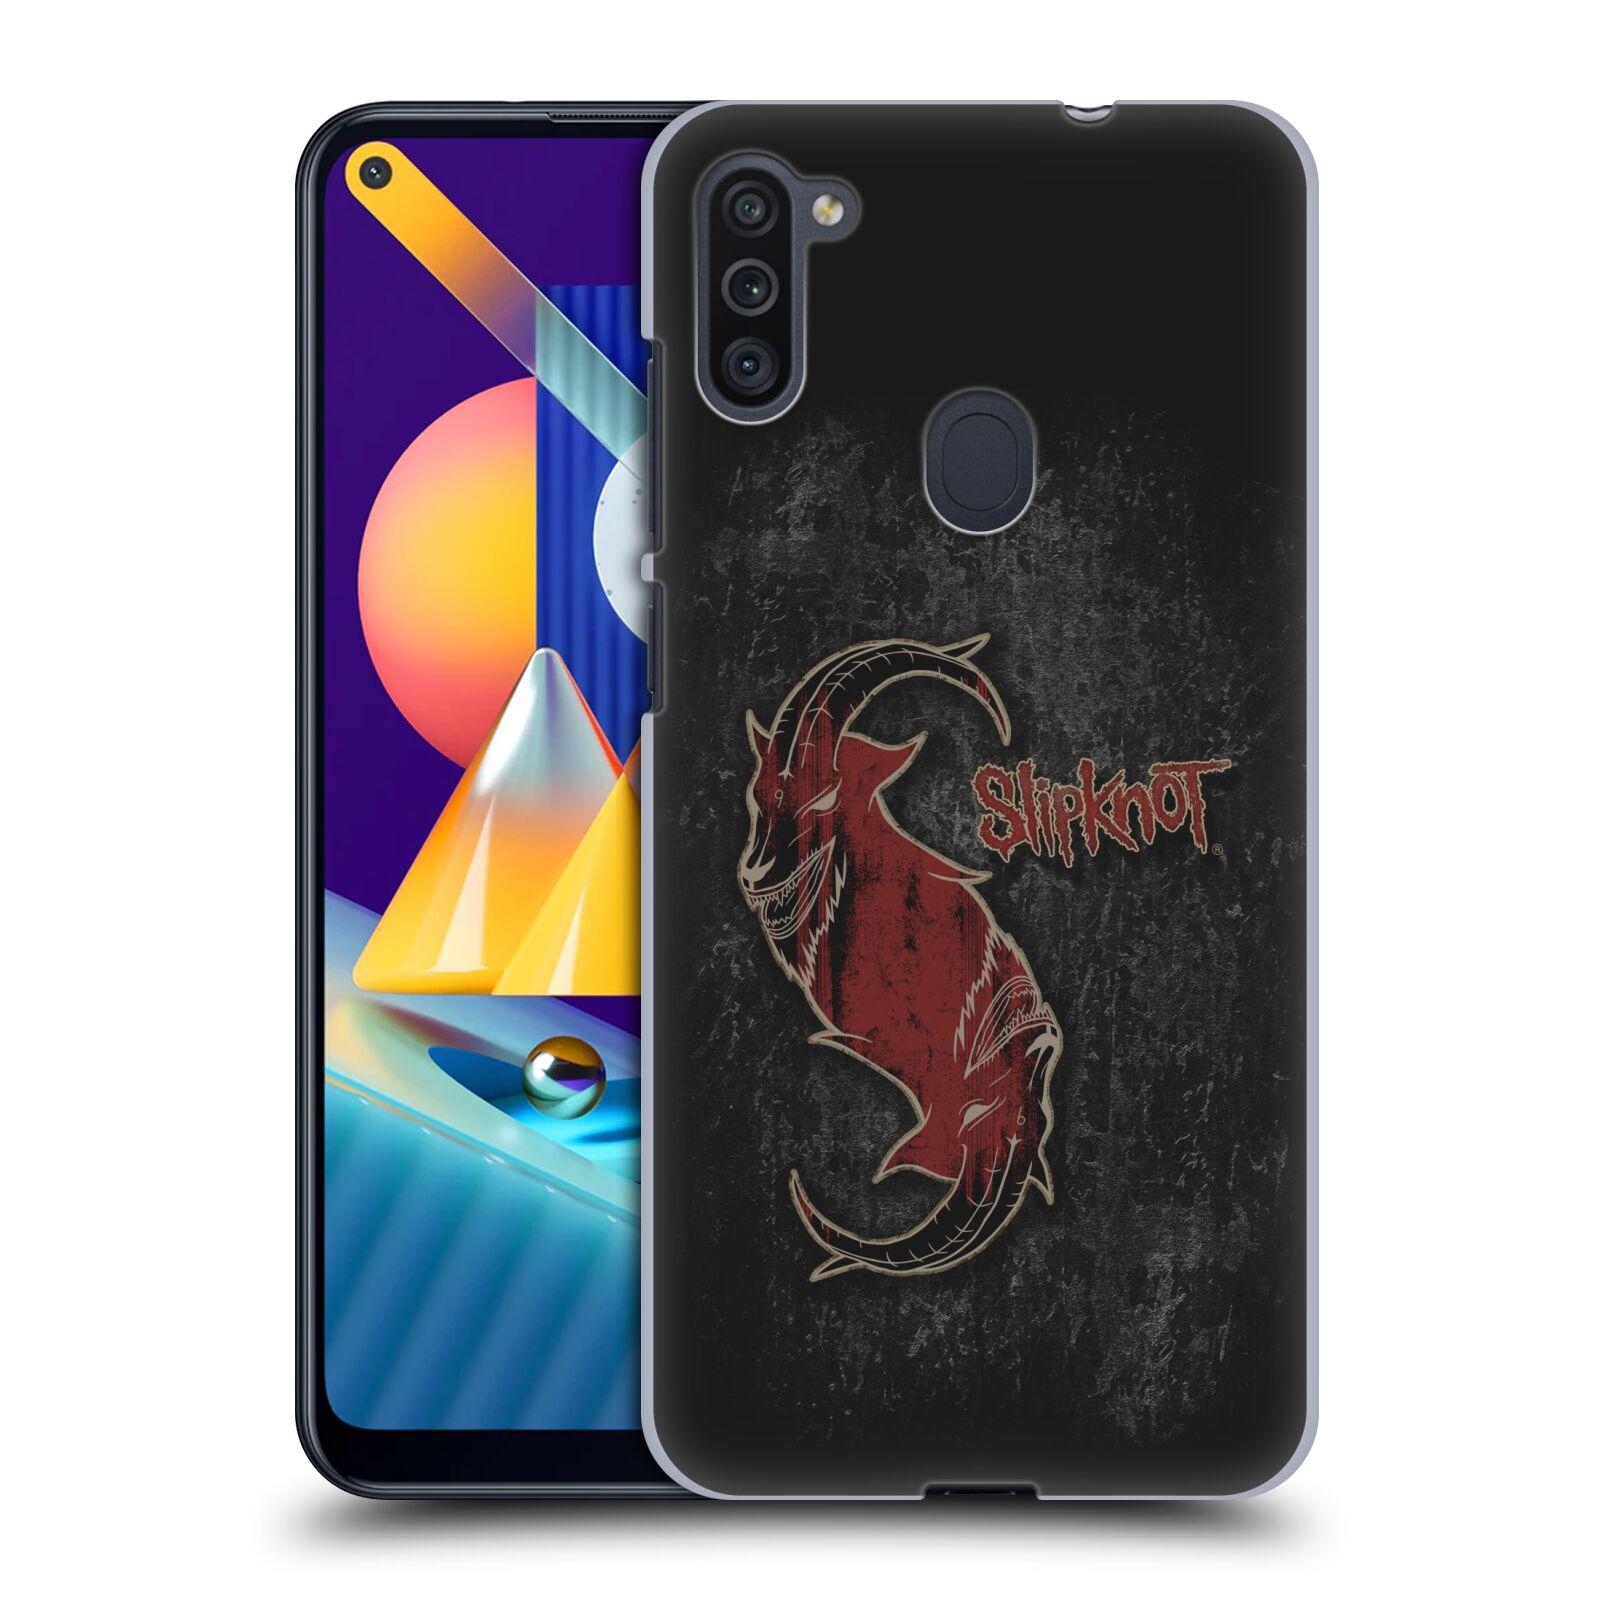 Plastové pouzdro na mobil Samsung Galaxy M11 - Head Case - Slipknot - Rudý kozel